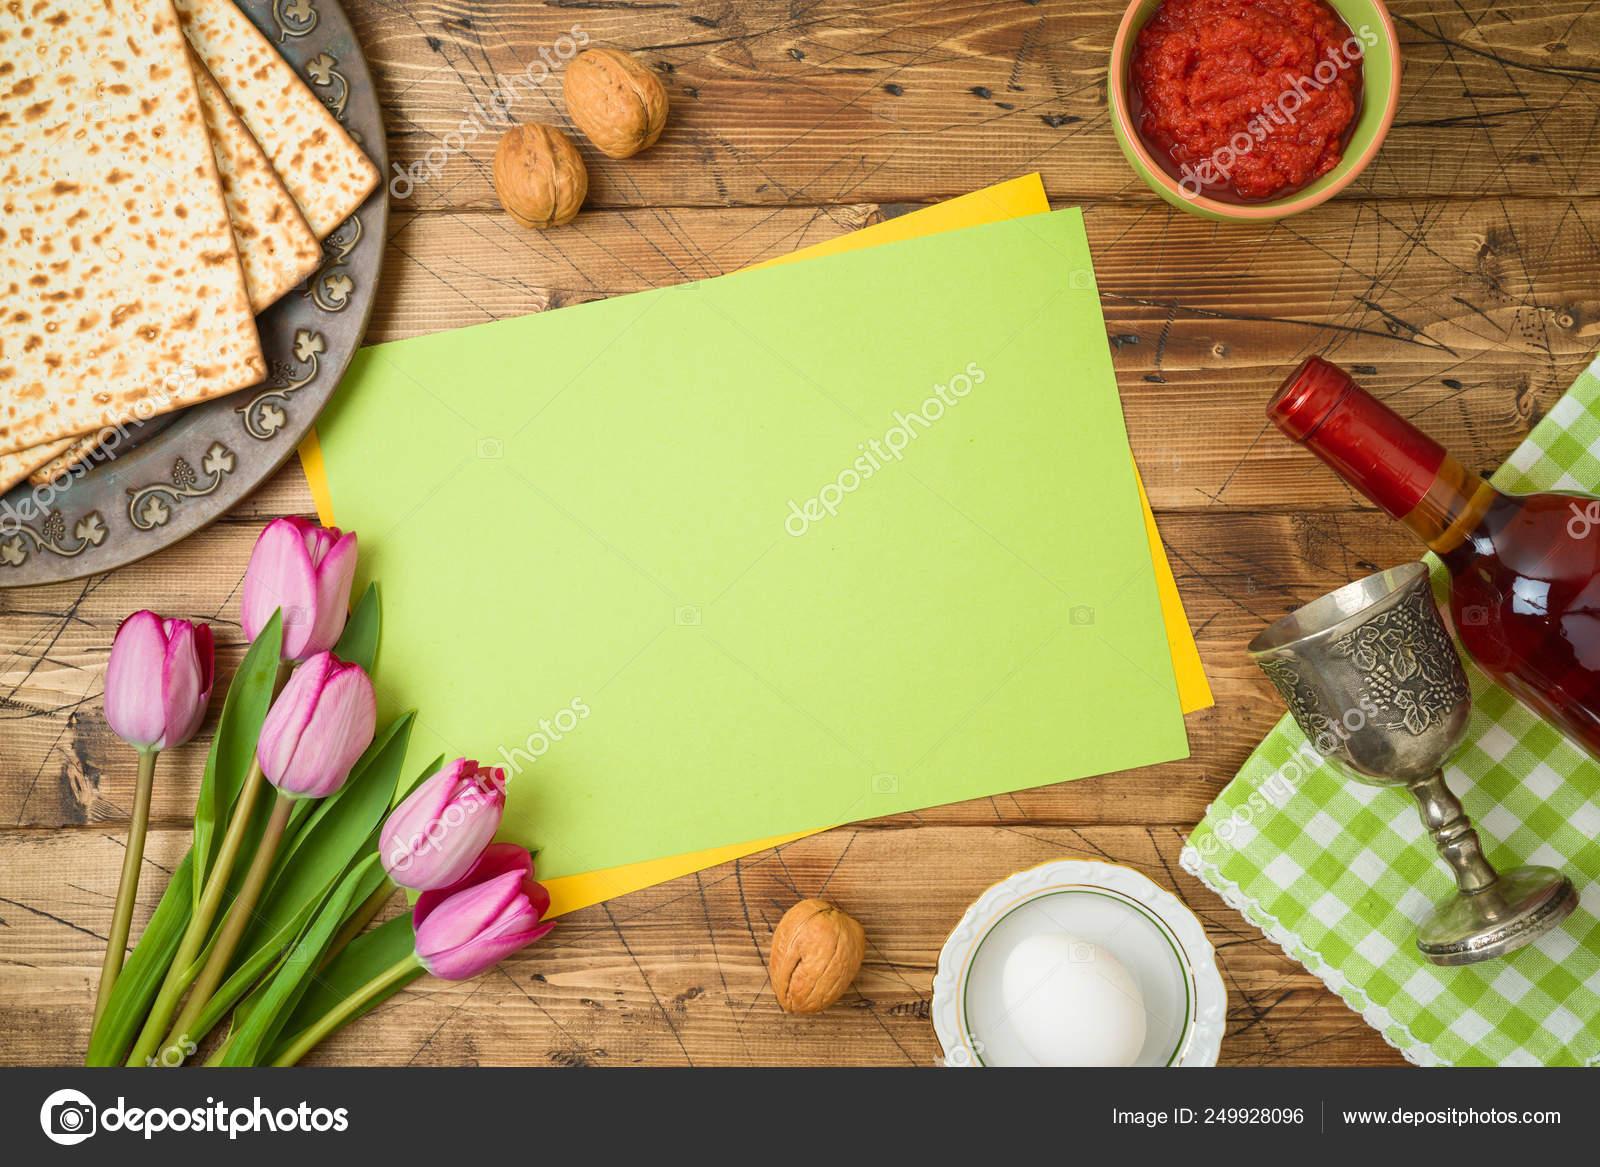 Jewish Holiday Passover Background With Matzo Seder Plate Wine Stock Photo Maglara 249928096